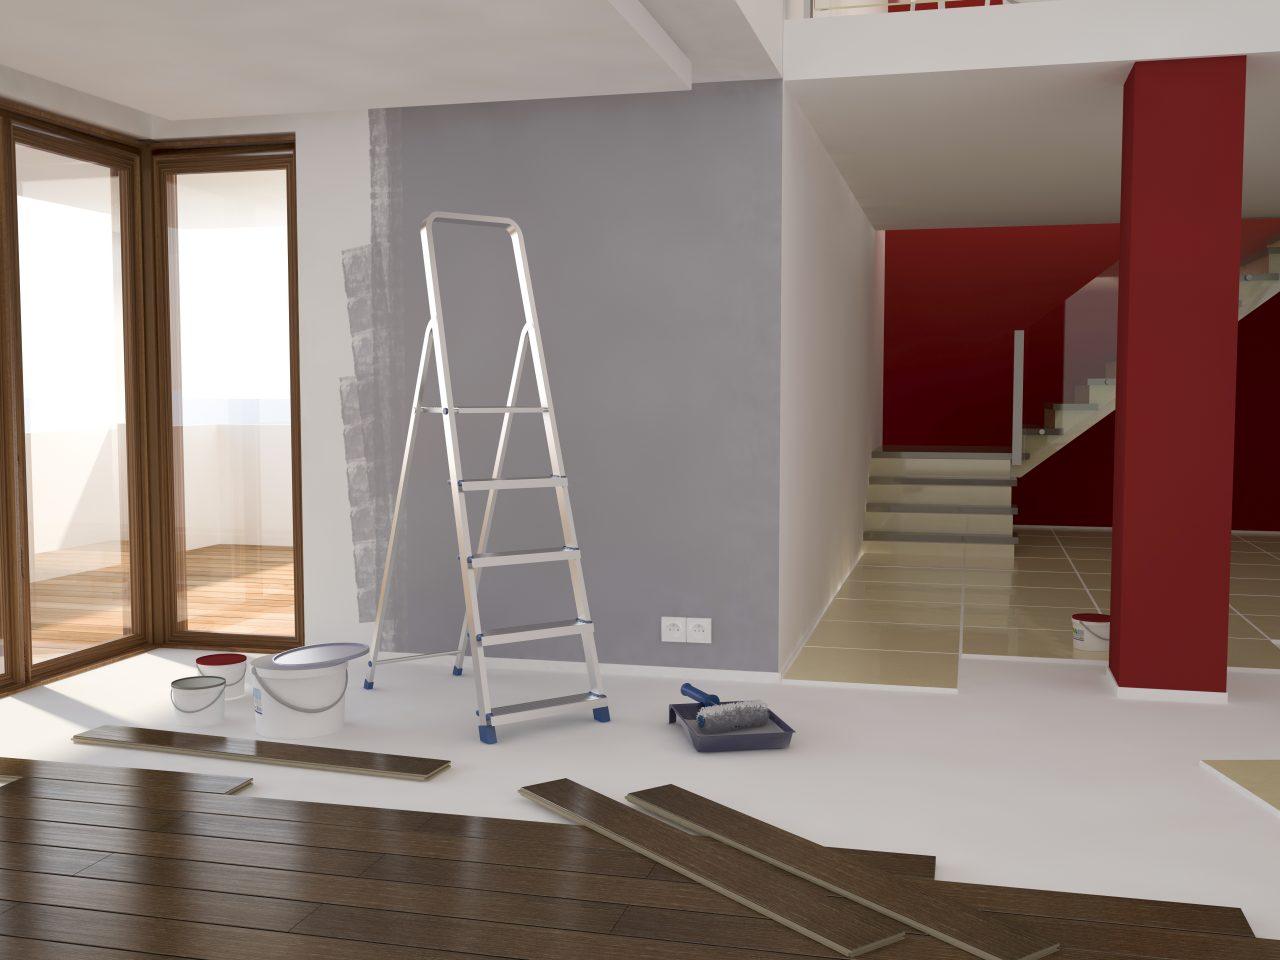 confiez vos travaux de rénovation maison à illiCO travaux